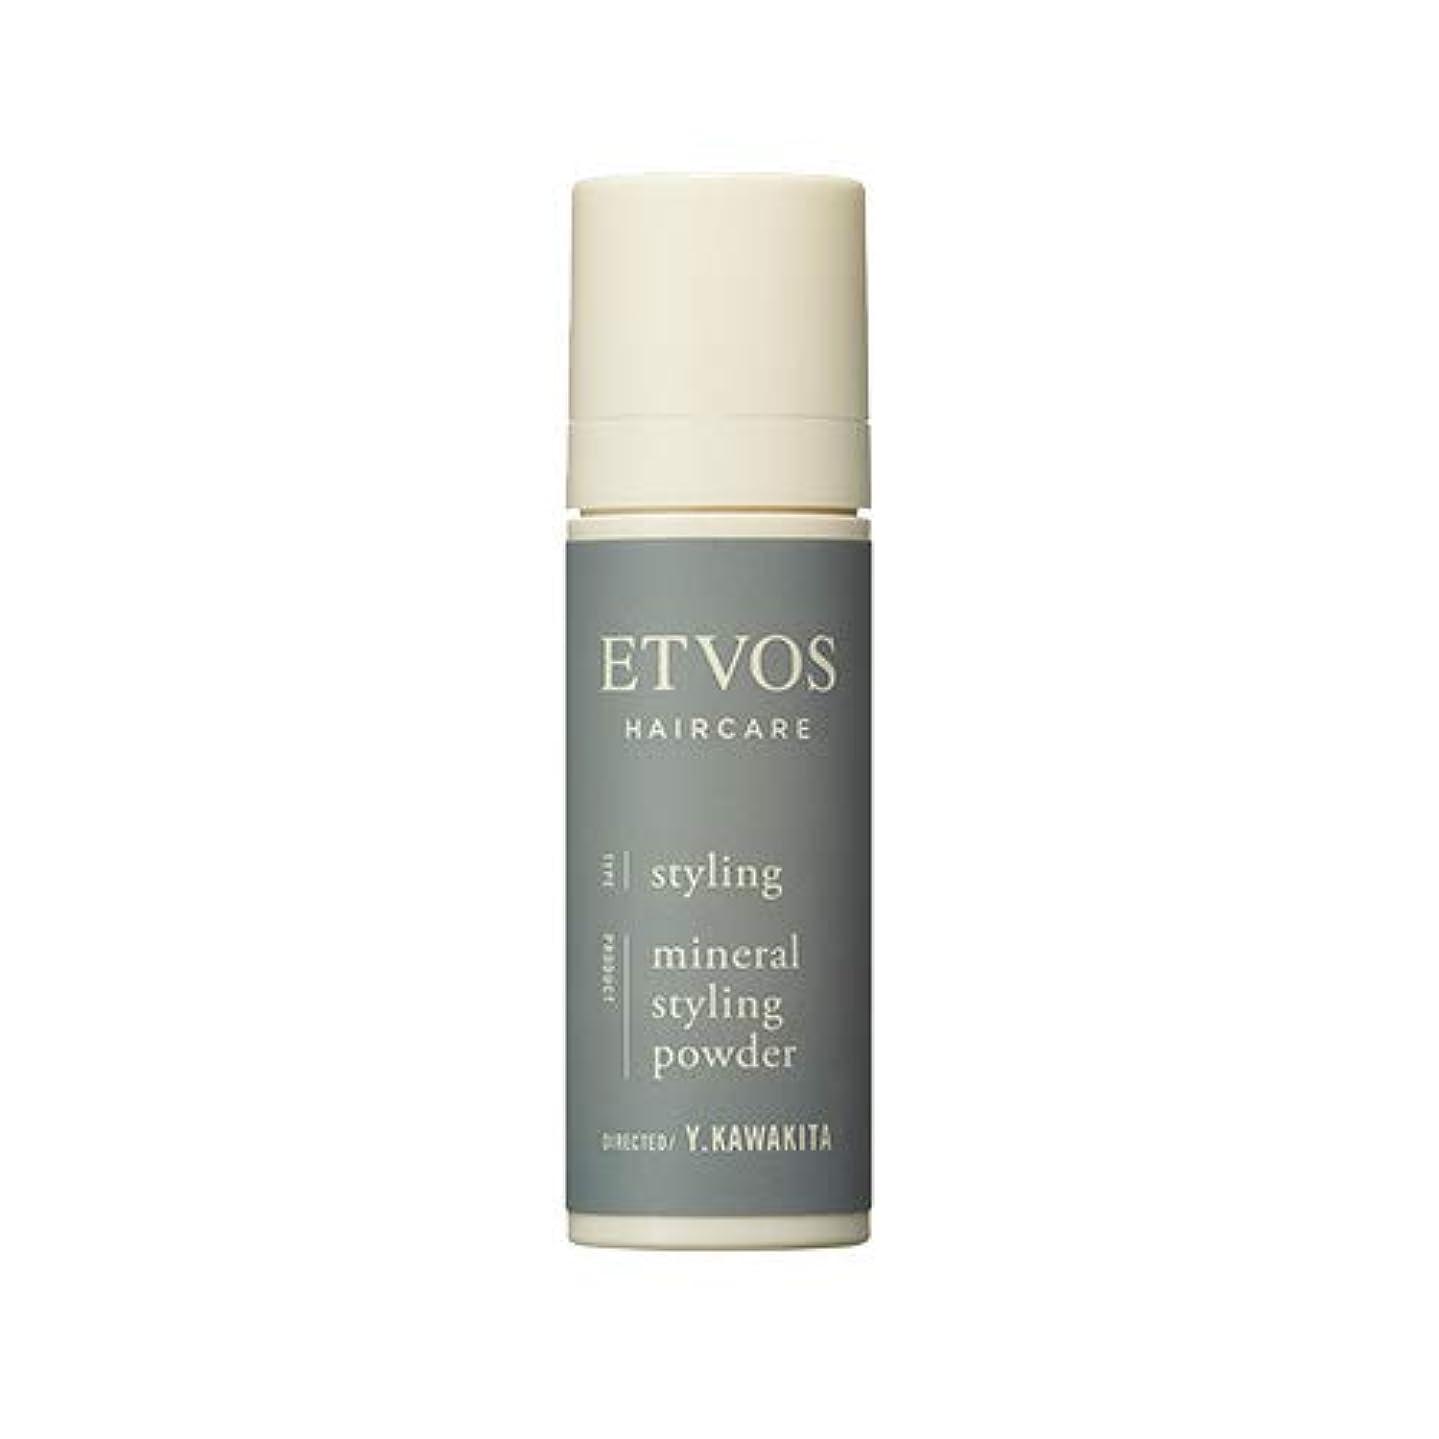 魔術モノグラフ矢ETVOS(エトヴォス) ミネラルスタイリングパウダー 6g ノンシリコン 頭皮の臭い/汗対策 【河北裕介コラボ】